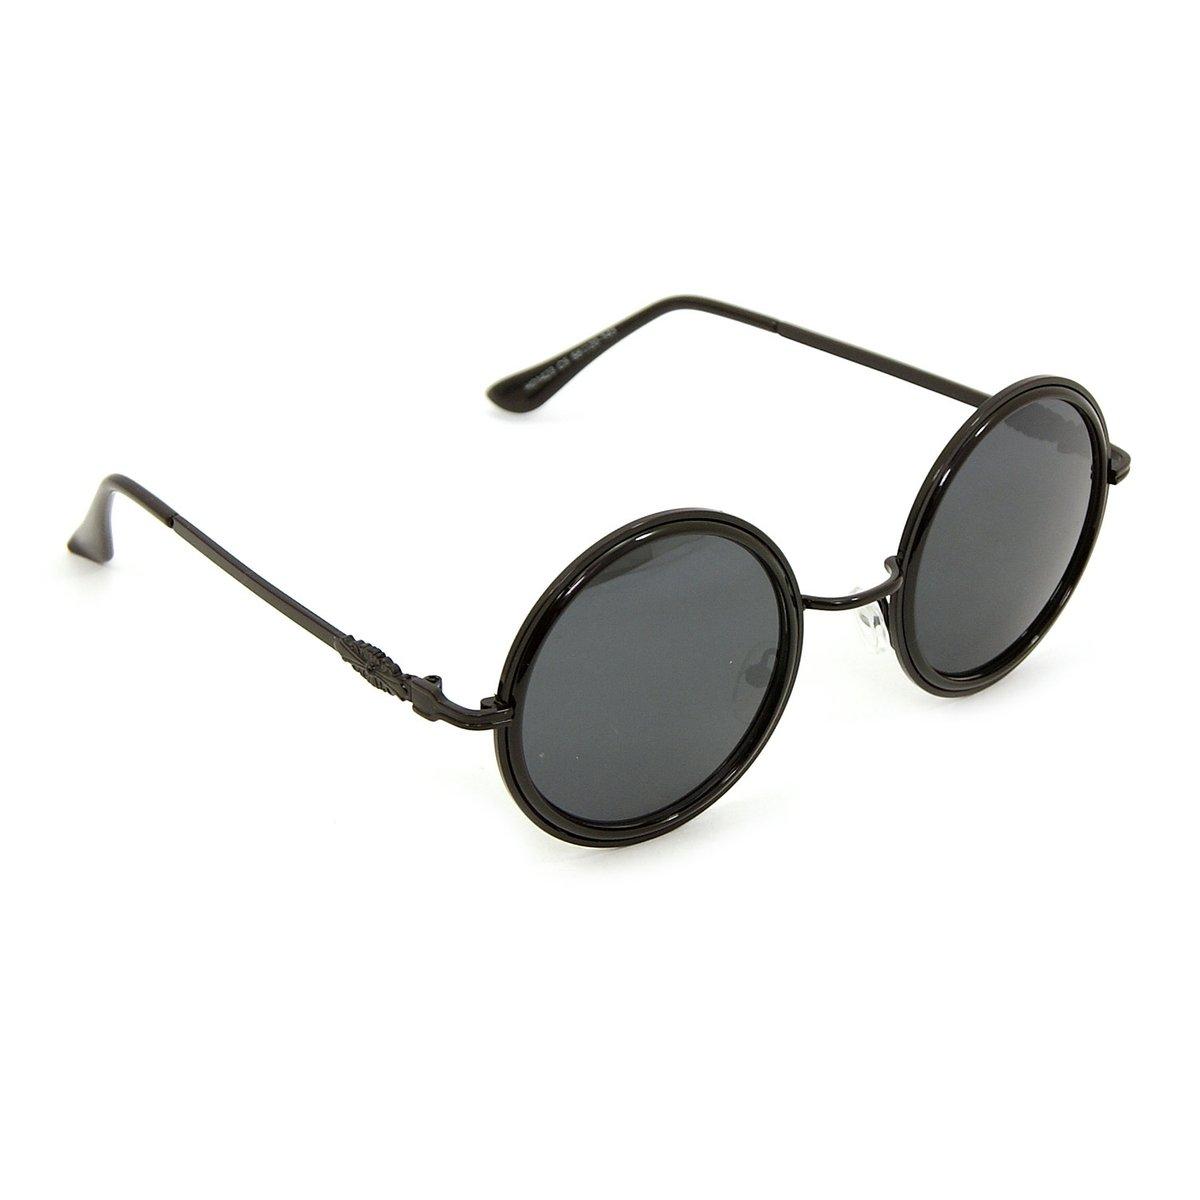 4f1bc04d83473 Óculos Bijoulux de Sol Redondo - Compre Agora   Netshoes